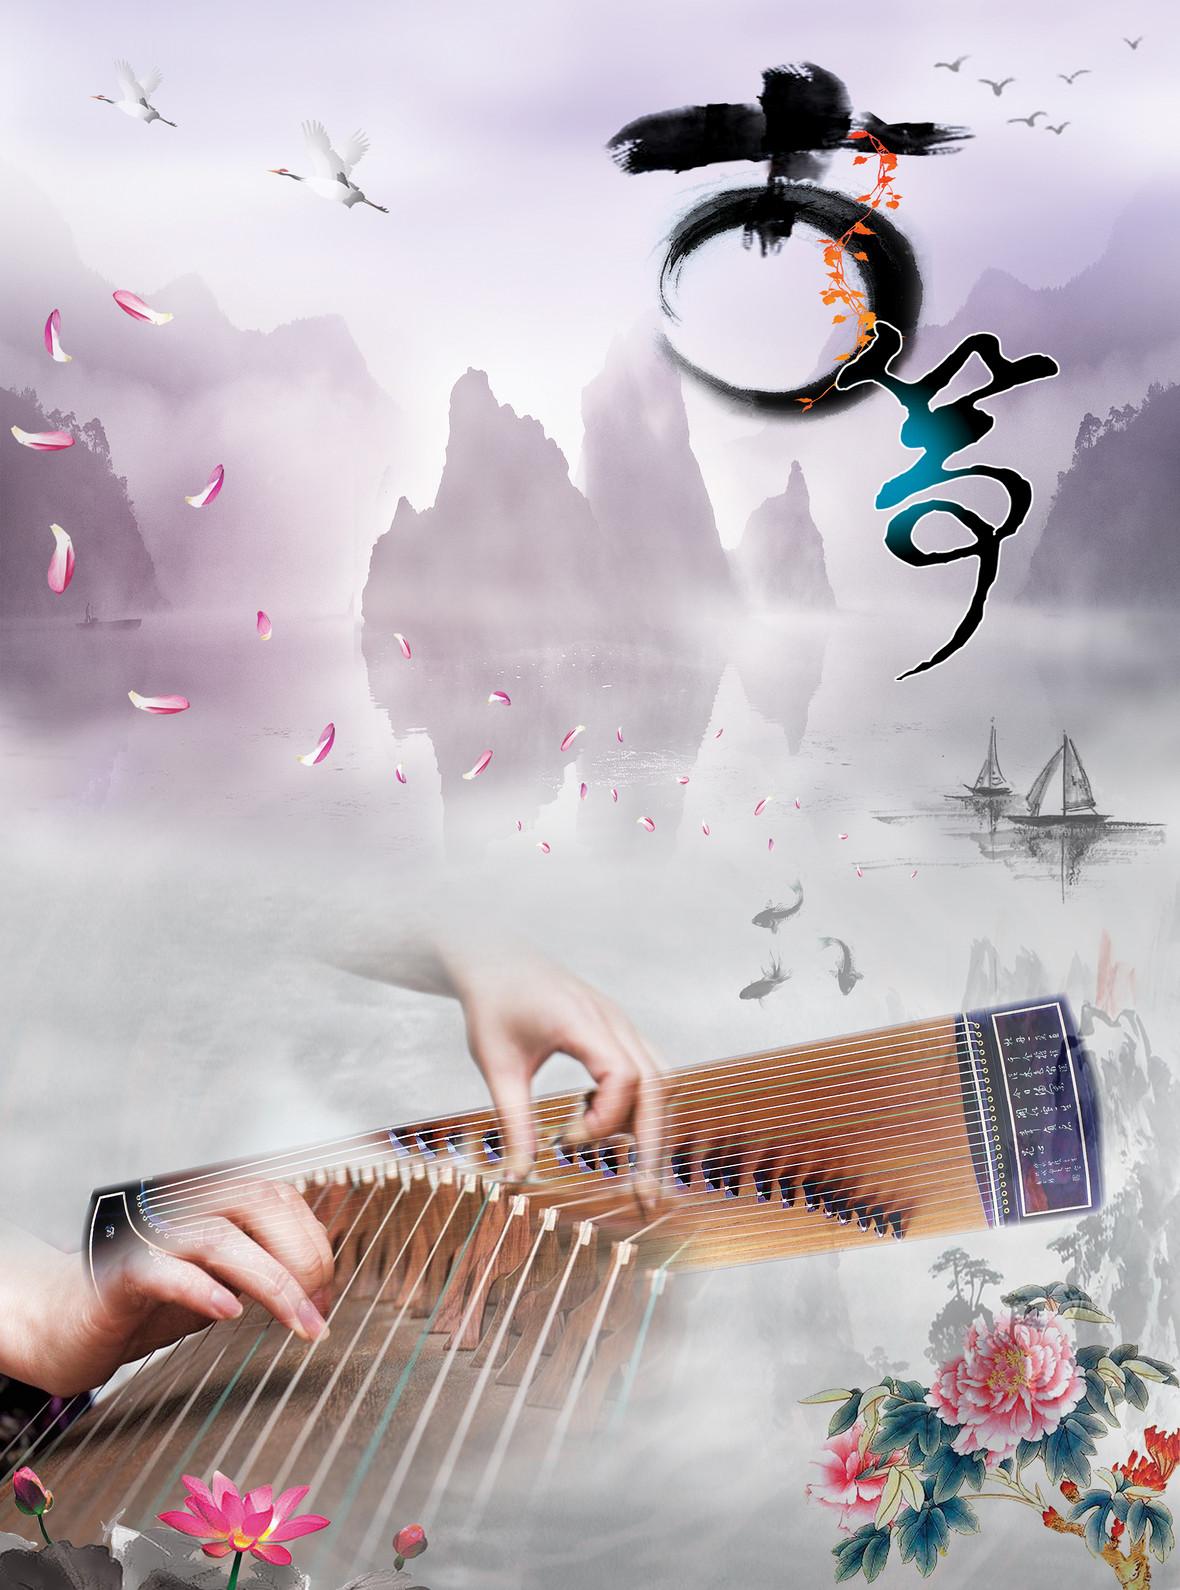 浪漫唯美仙境古筝比赛背景素材